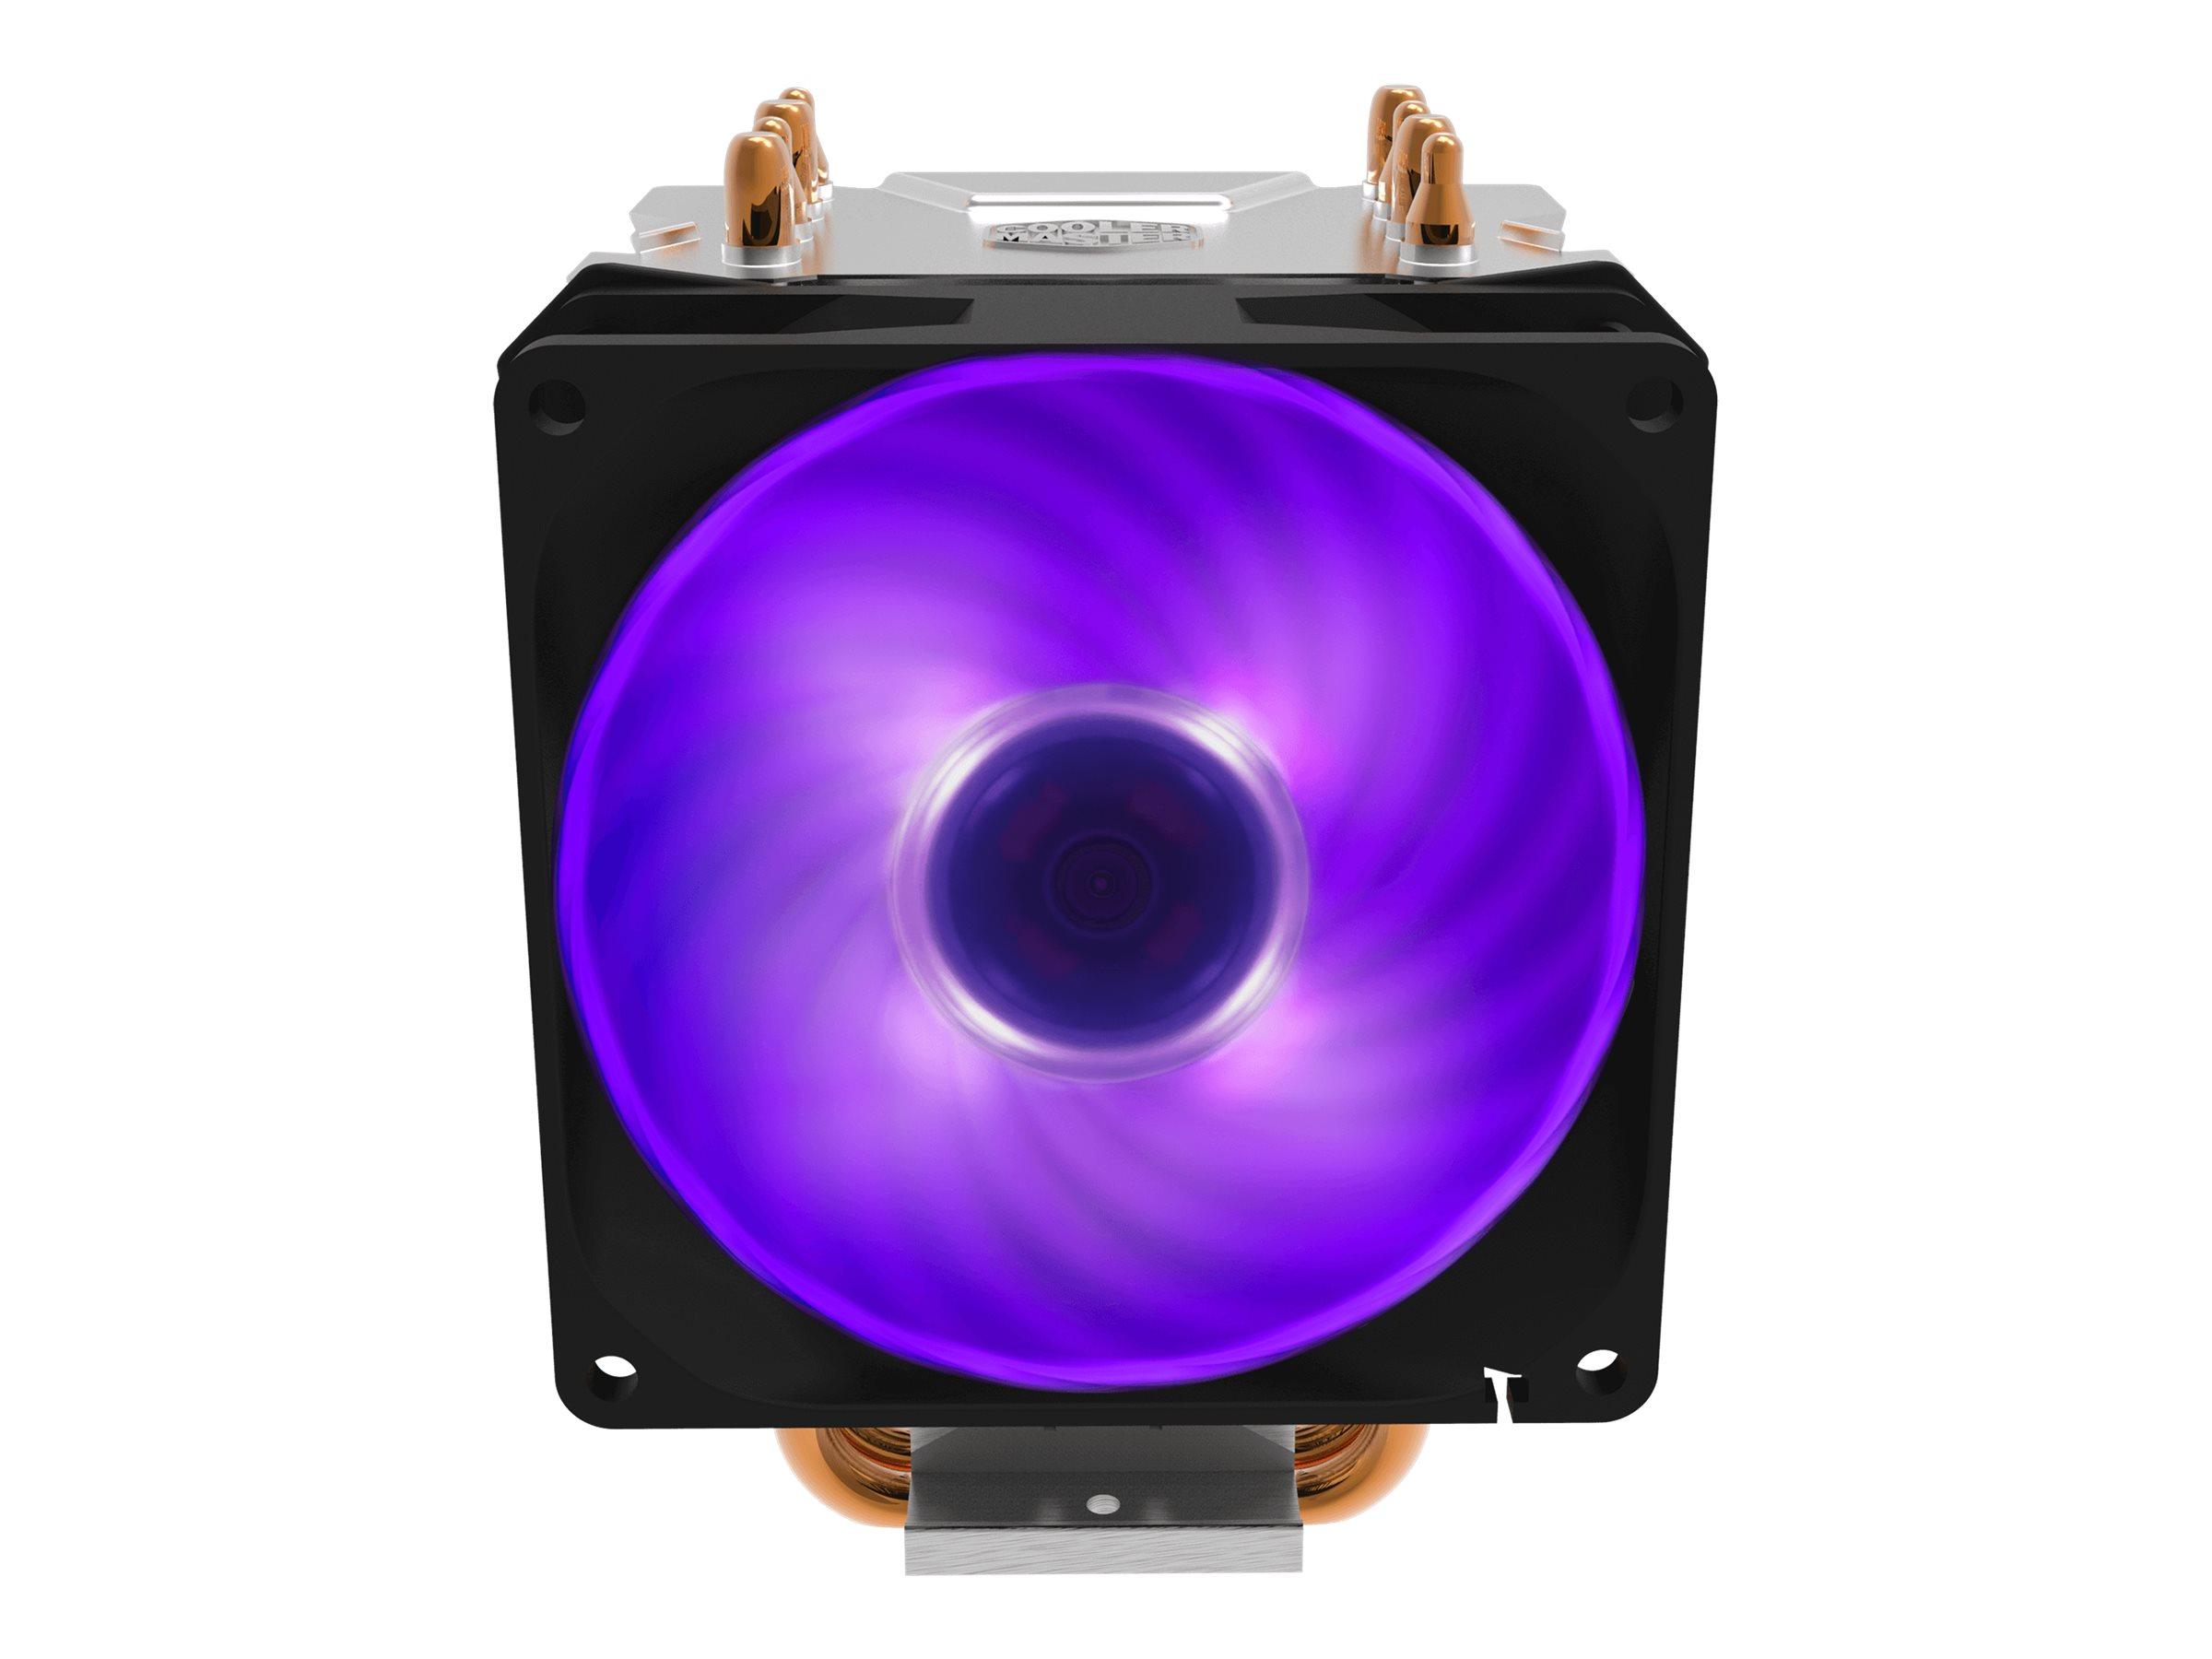 Cooler Master Hyper H410R RGB - Prozessor-Luftkühler - (für: LGA1156, AM2, AM2+, LGA1366, AM3, LGA1155, AM3+, LGA2011, FM1, FM2, LGA1150, FM2+, LGA2011-3, LGA1151, AM4, LGA2066, LGA1200)